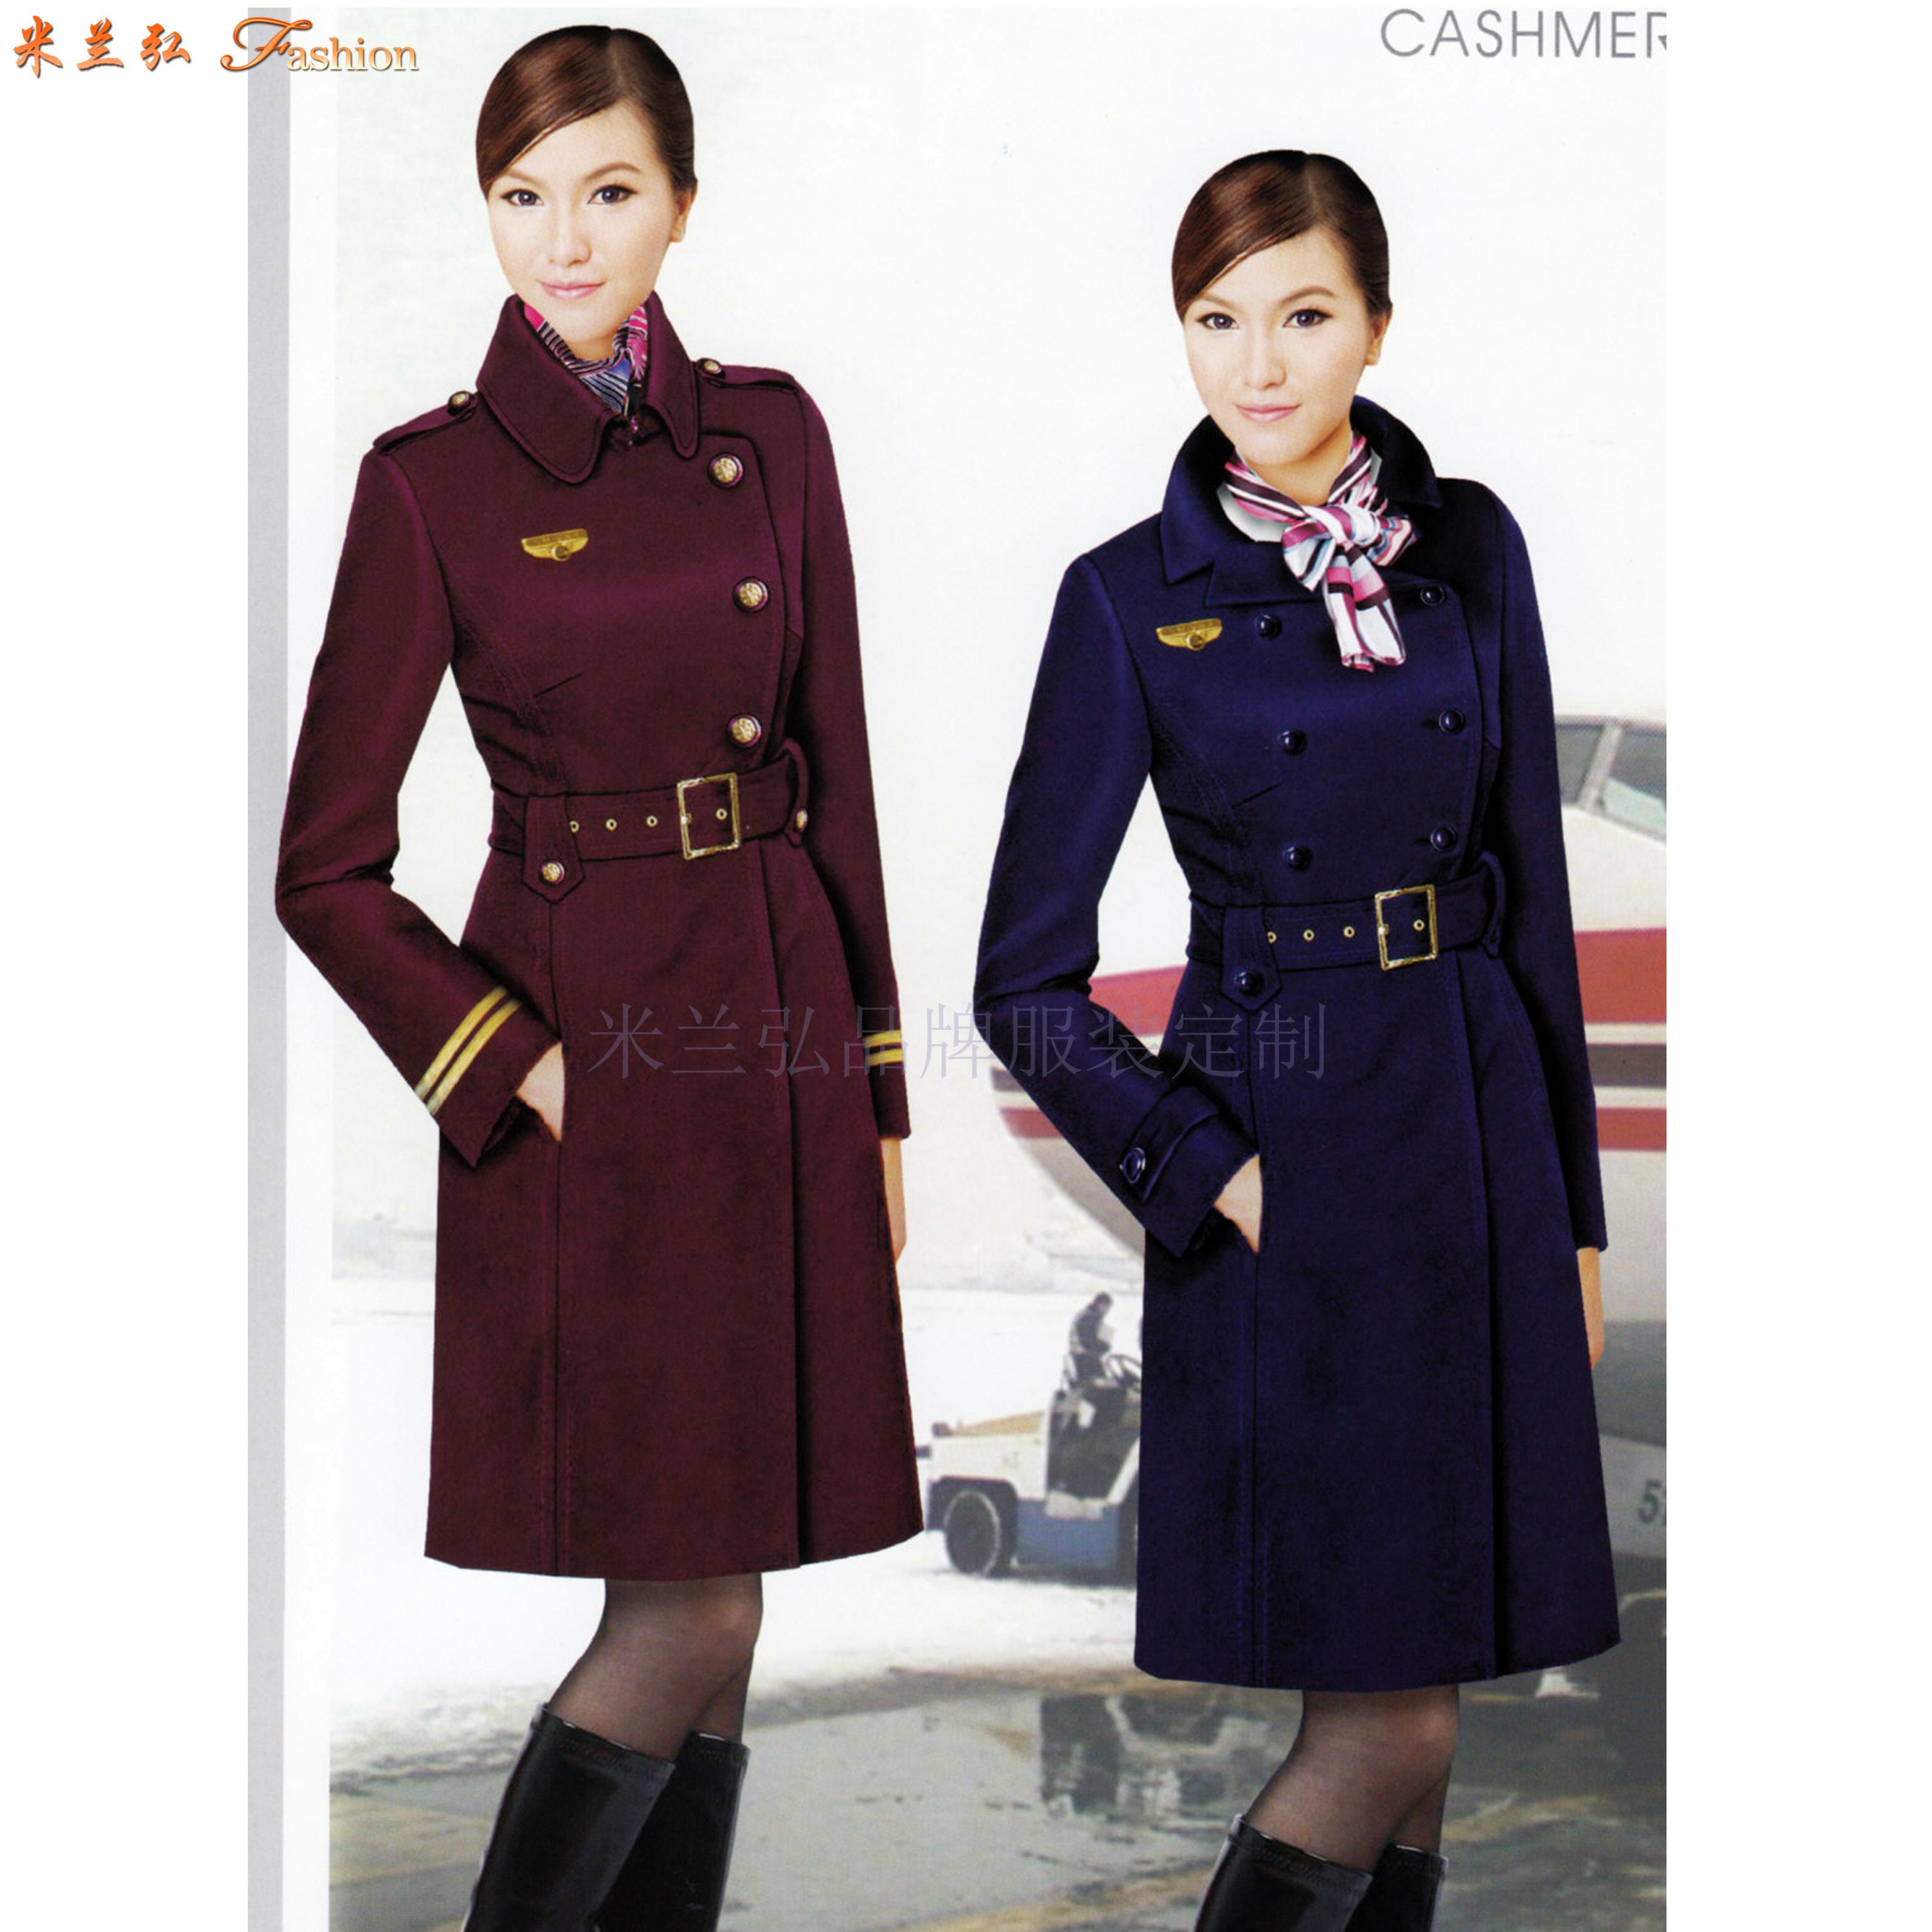 「北京空姐大衣訂制」選擇多年服裝生產經驗廠家-米蘭弘空姐服-4